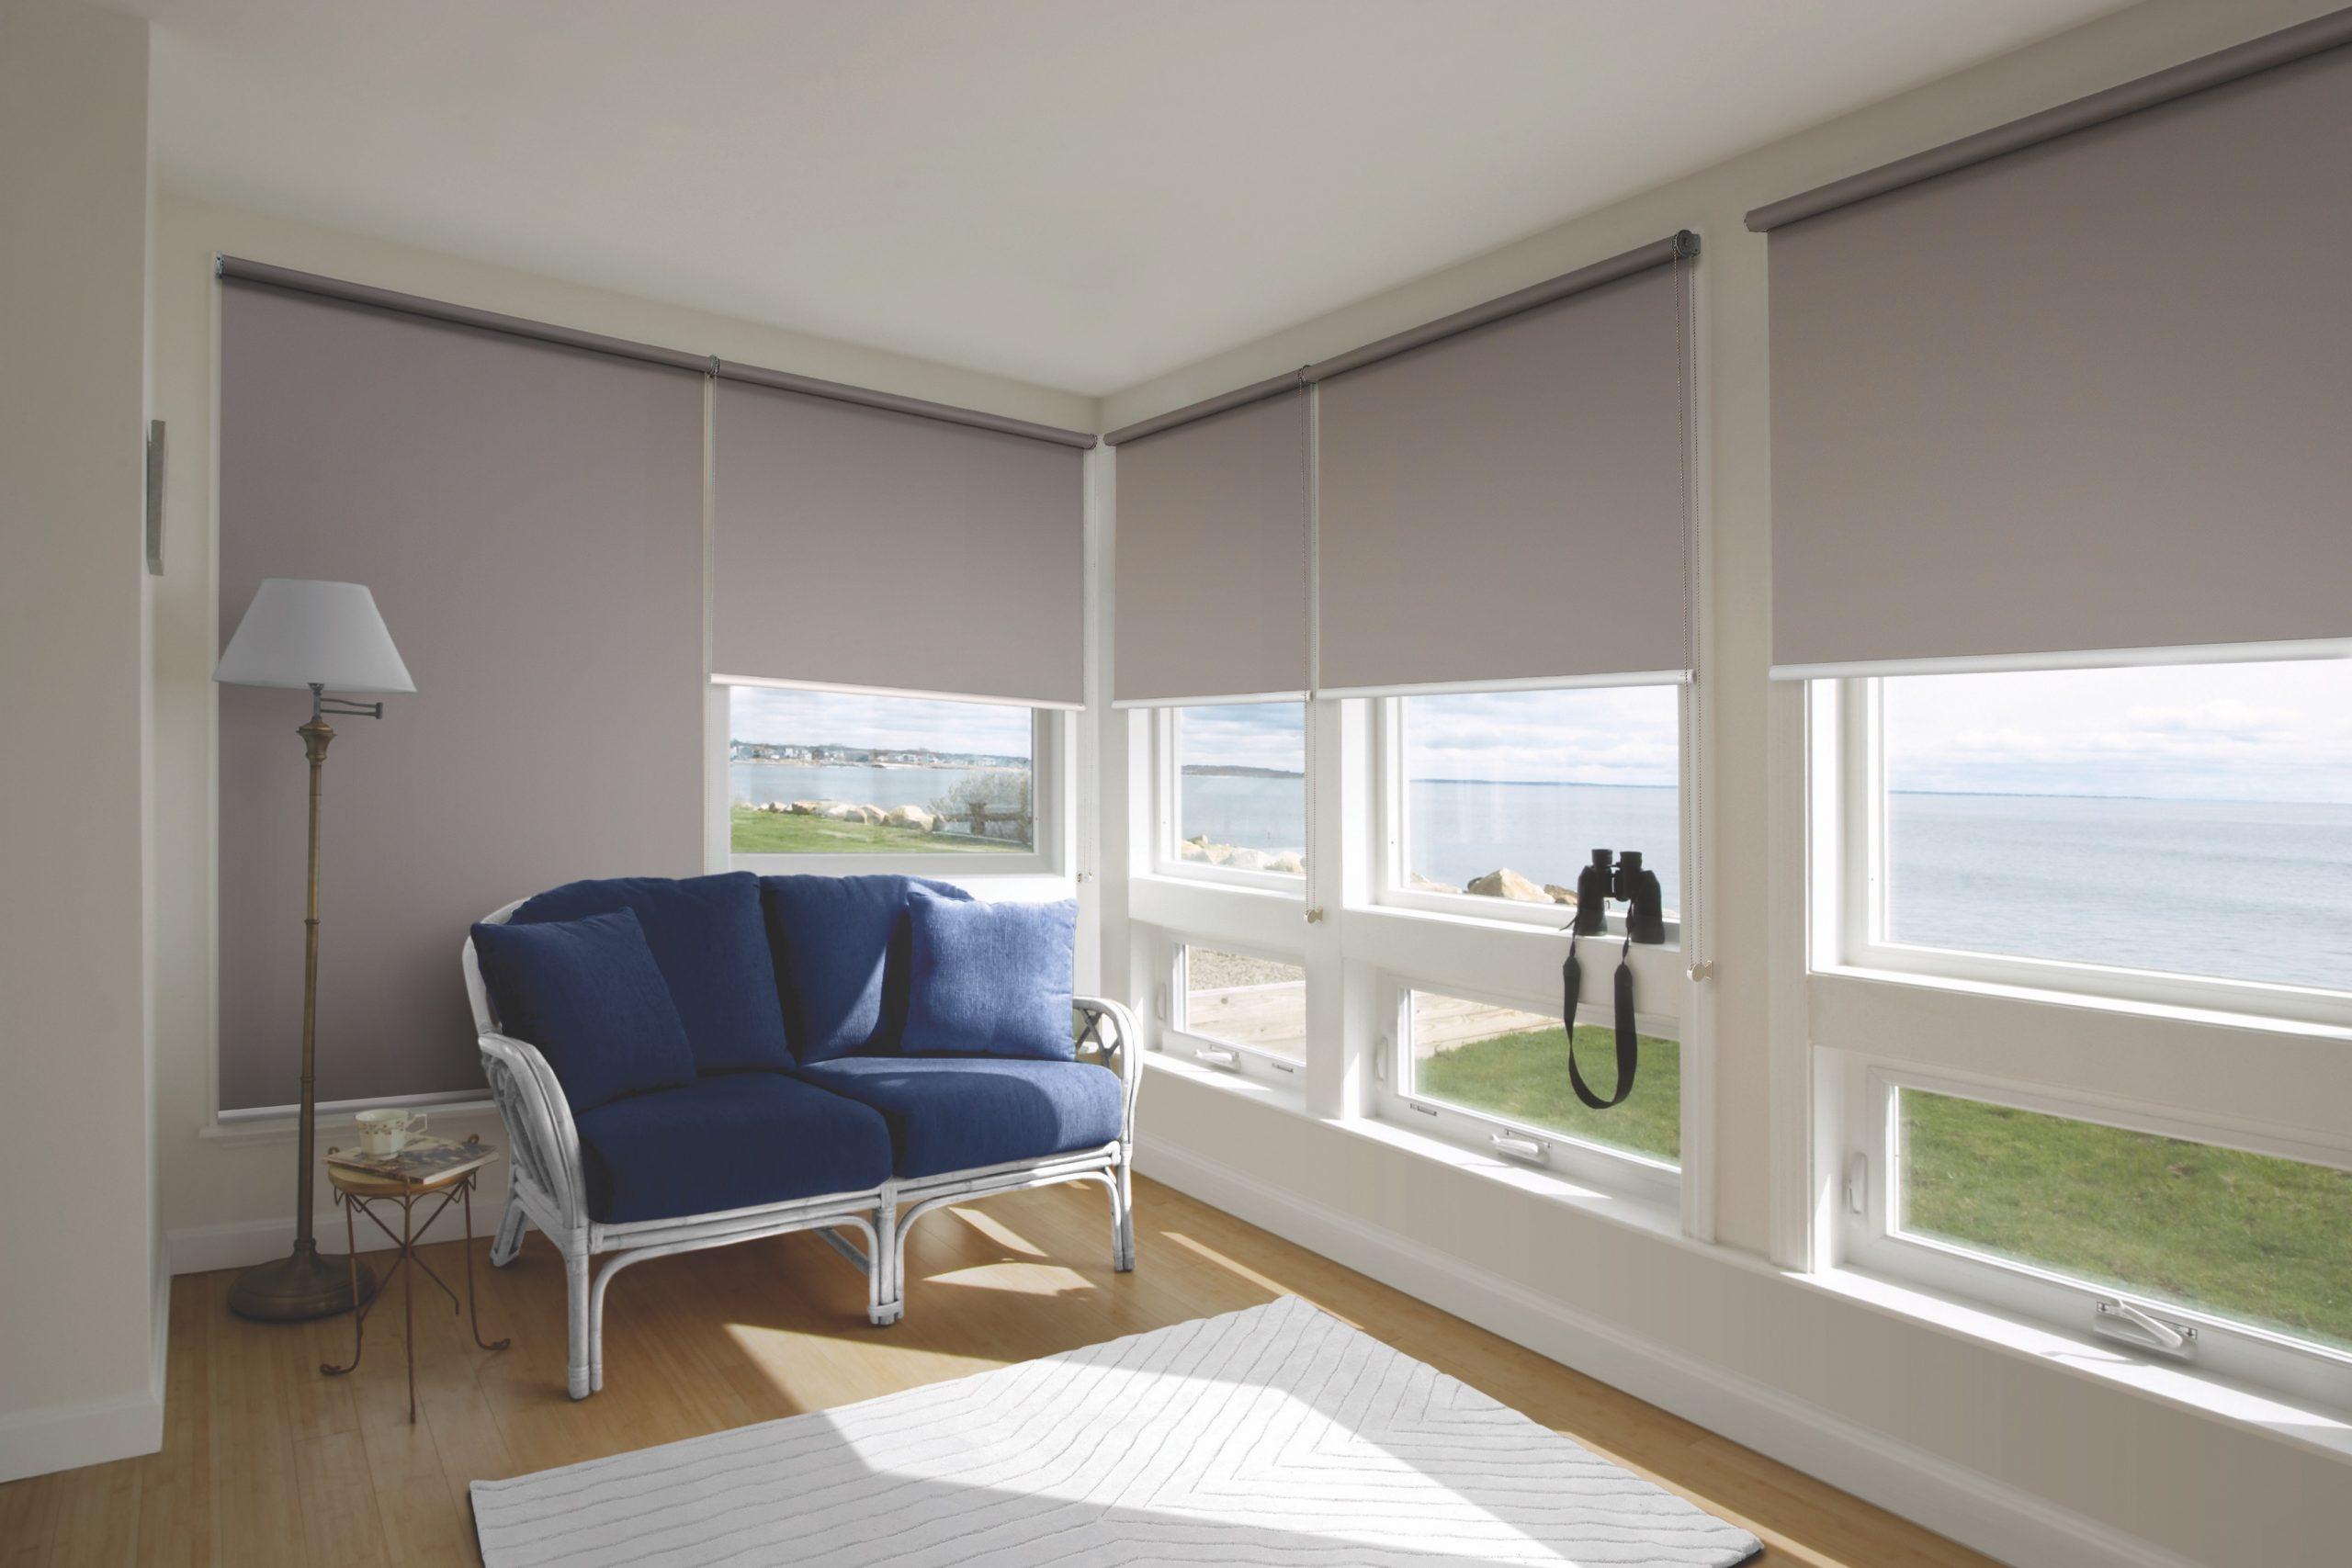 Custom made roller blinds